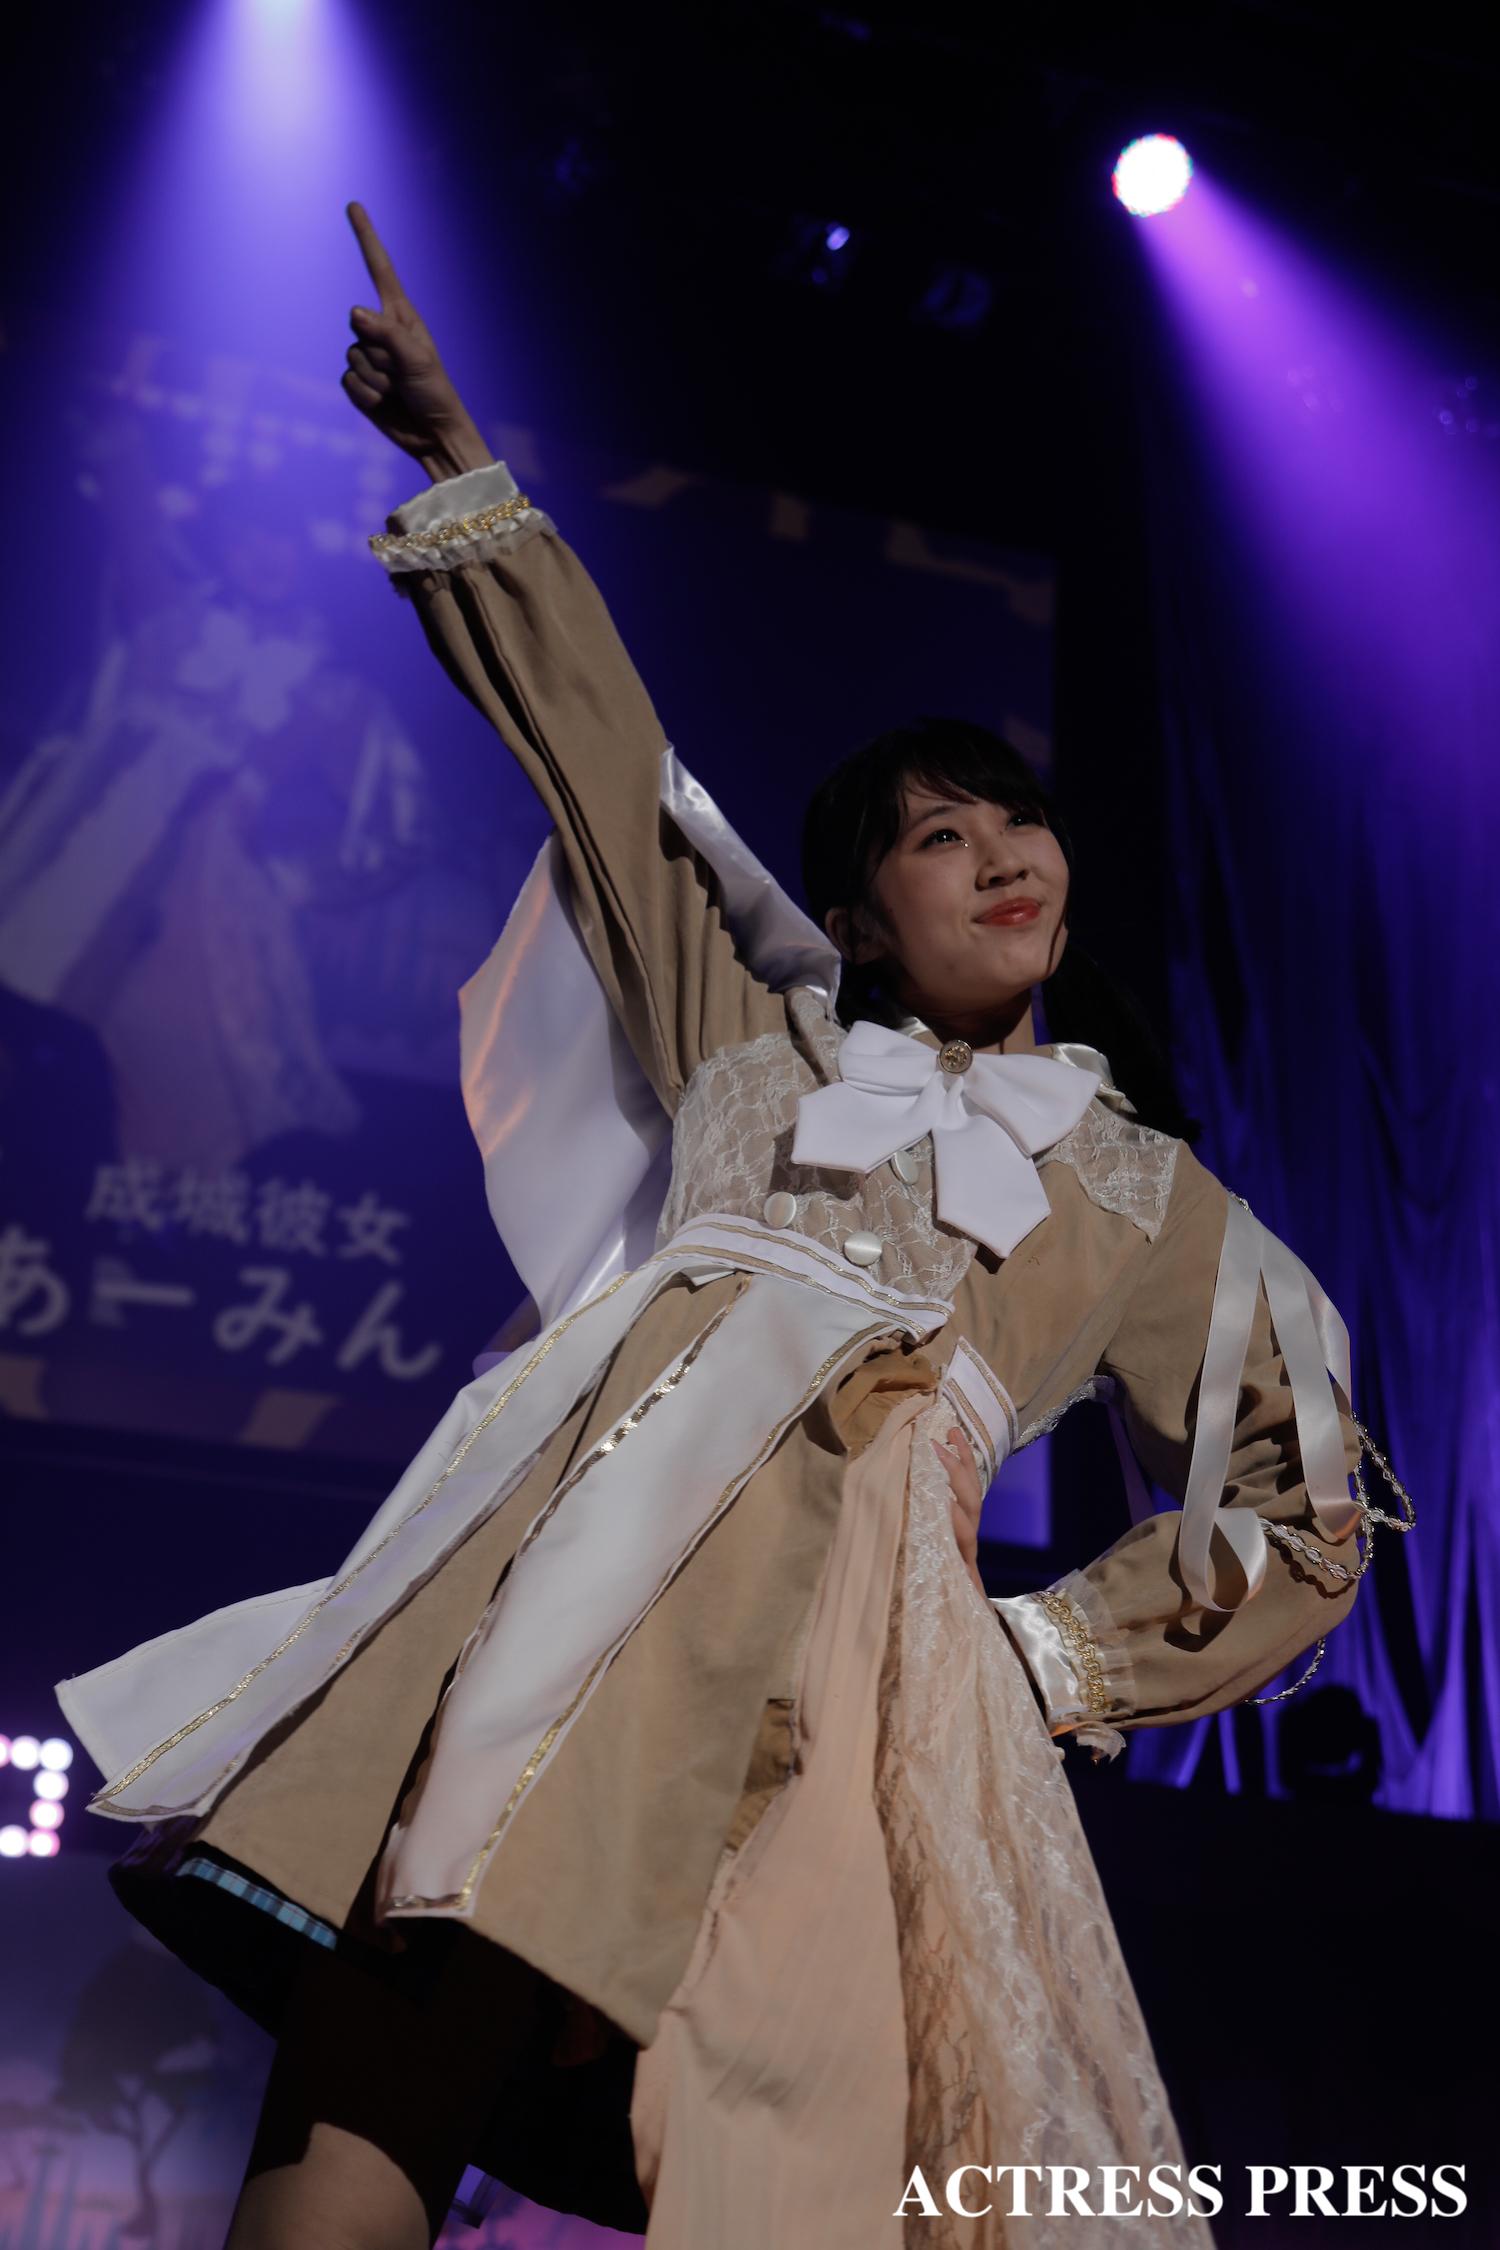 成城大学 成城彼女 あーみん/2020年2月13日、MISS UNIDOL19-20/撮影:ACTRESS PRESS編集部